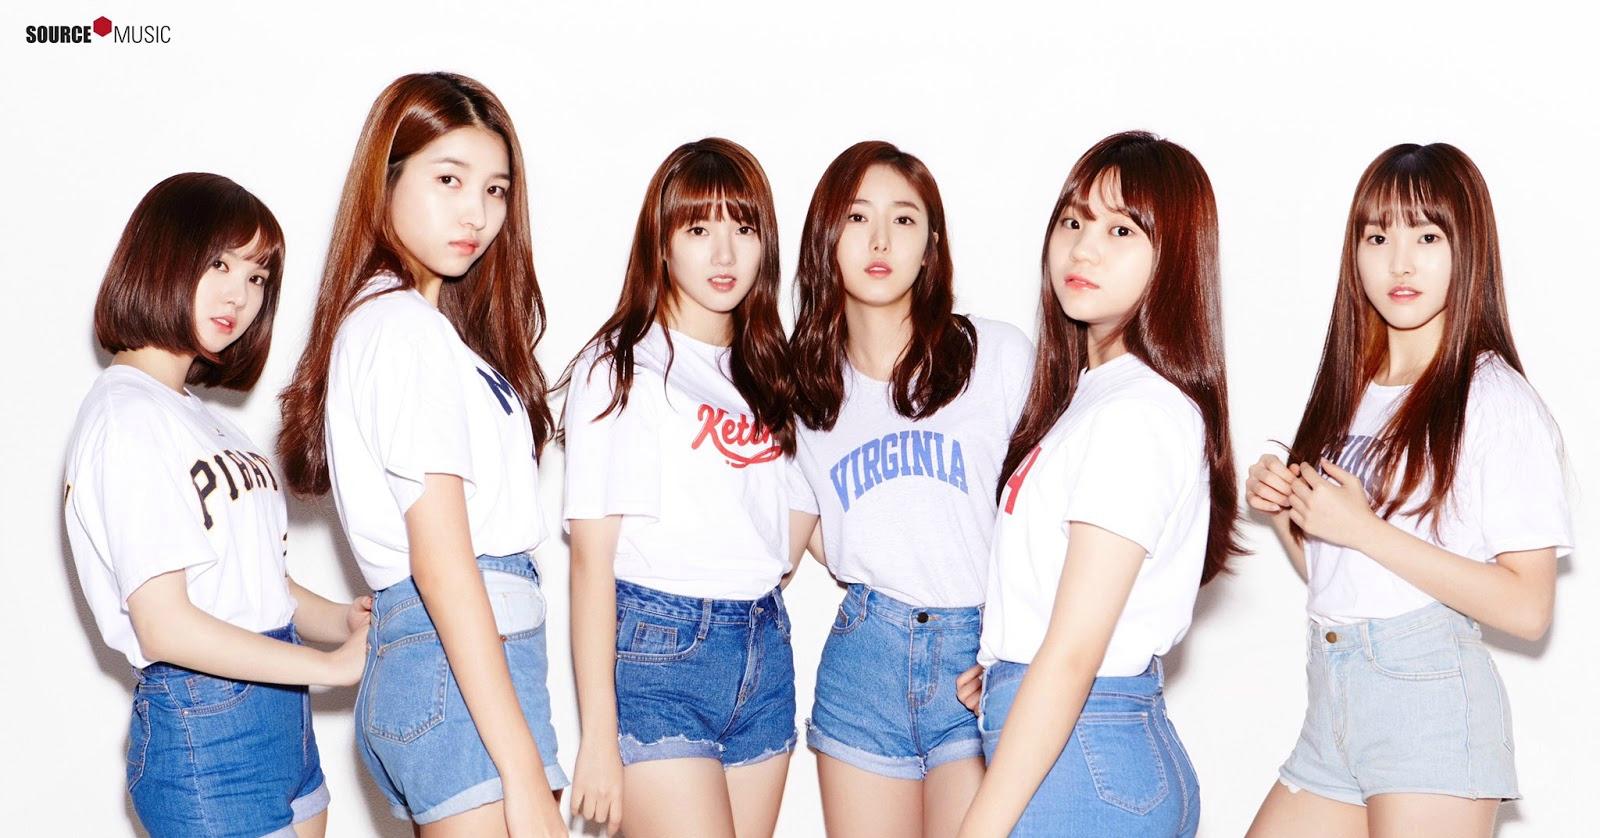 对于韩国的人气女团成员们来说,即便做出了退团的选择,公司方面也会